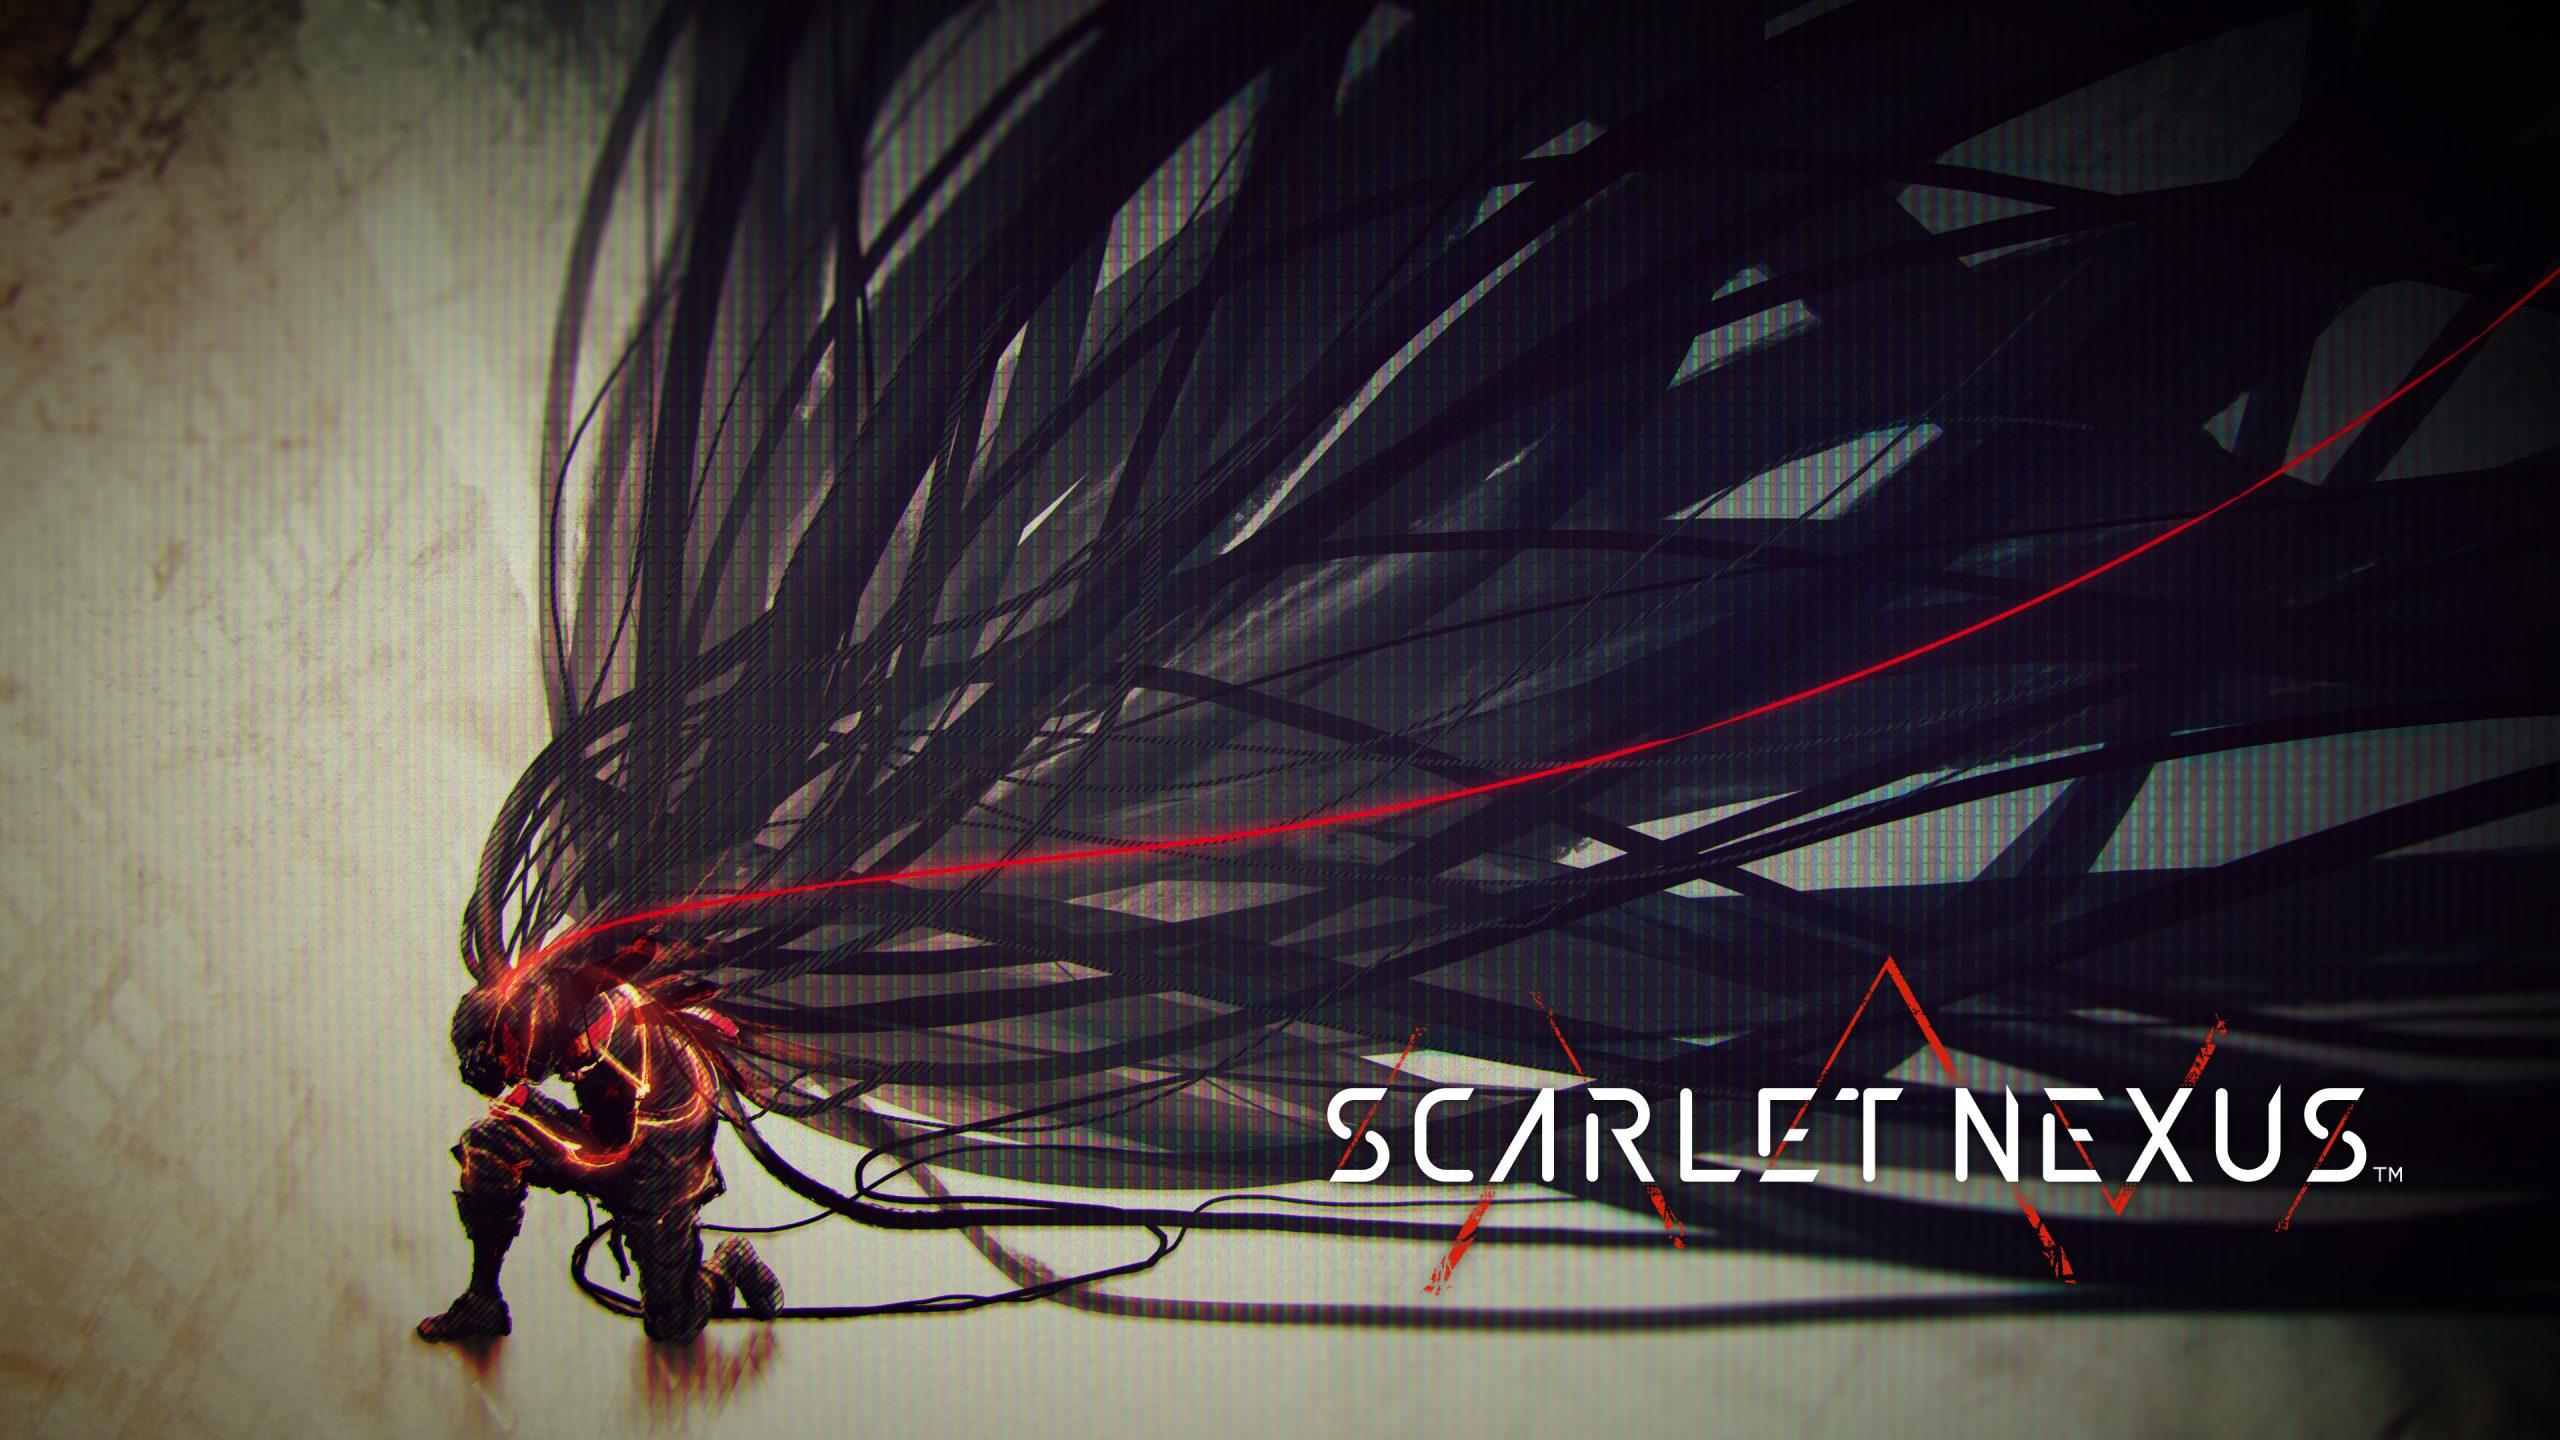 Scarlet Nexus ya está disponible